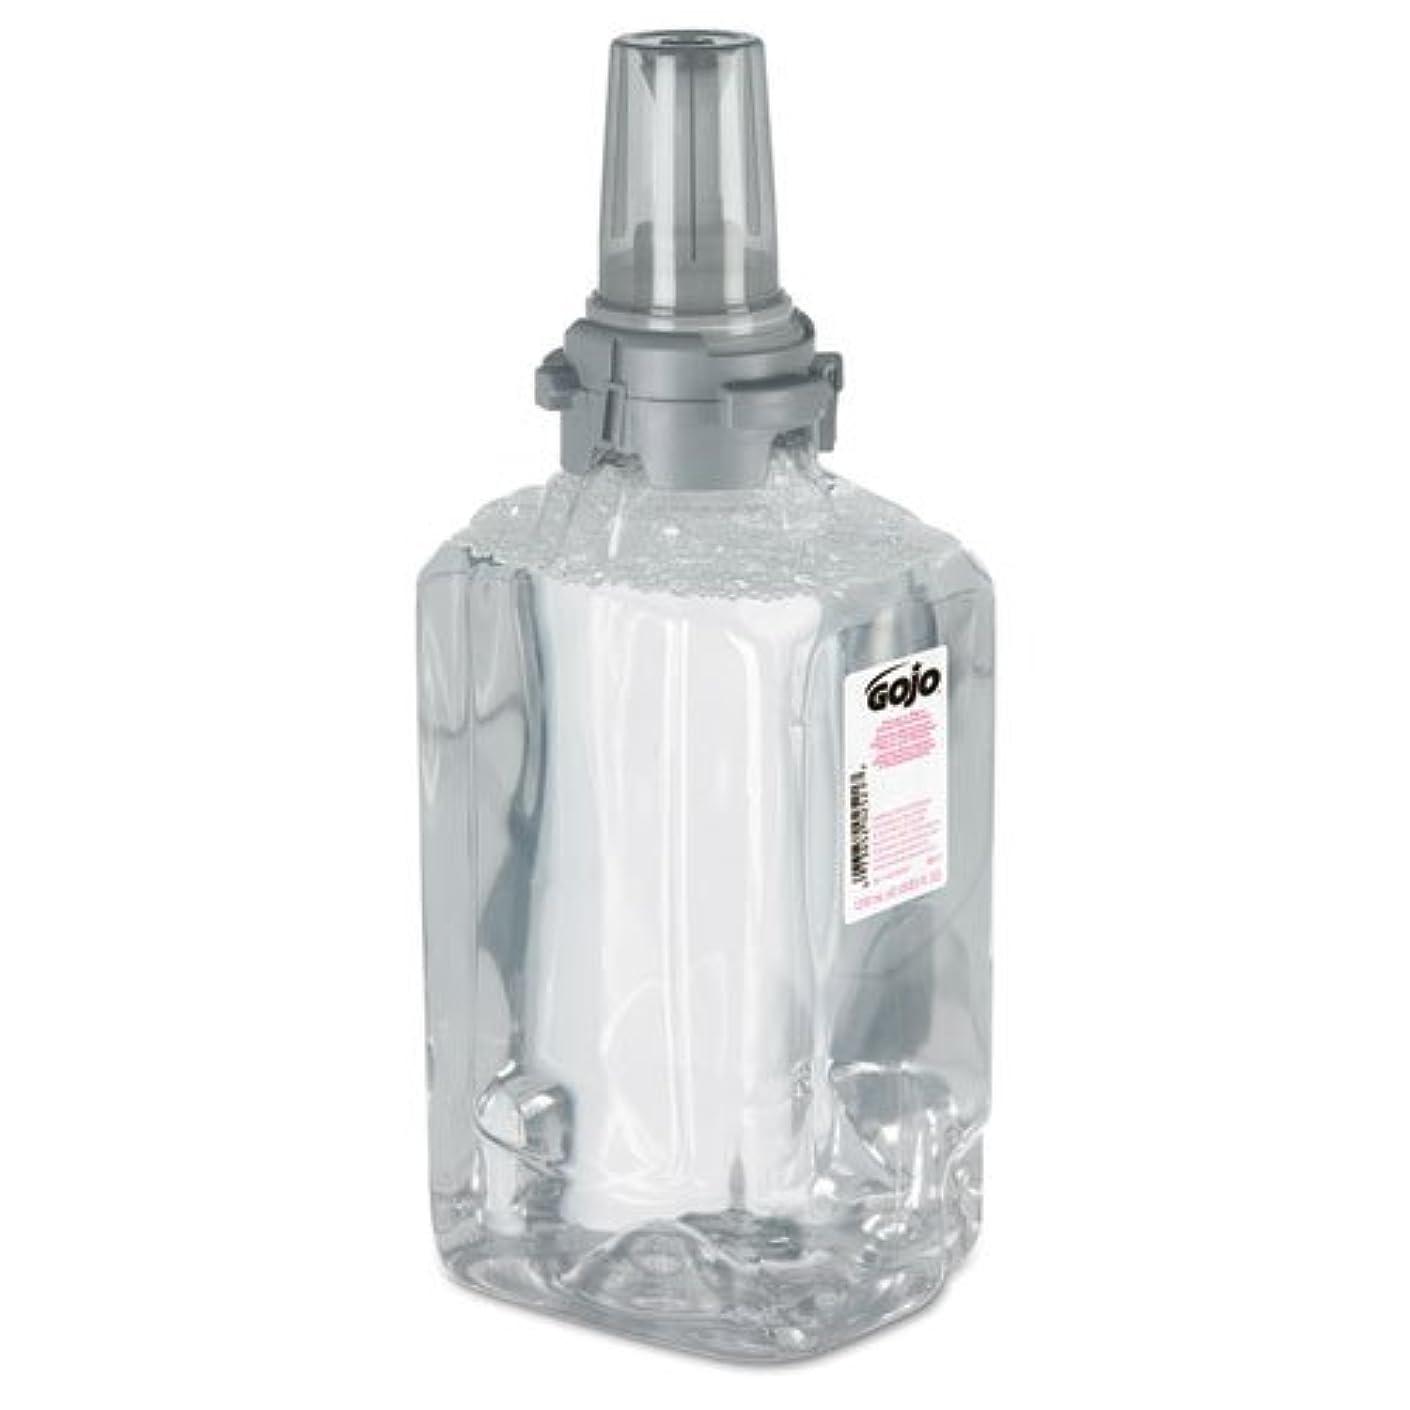 押し下げるかどうかマントgoj881103 – クリアAmp ; Mild Foam Handwash Refill